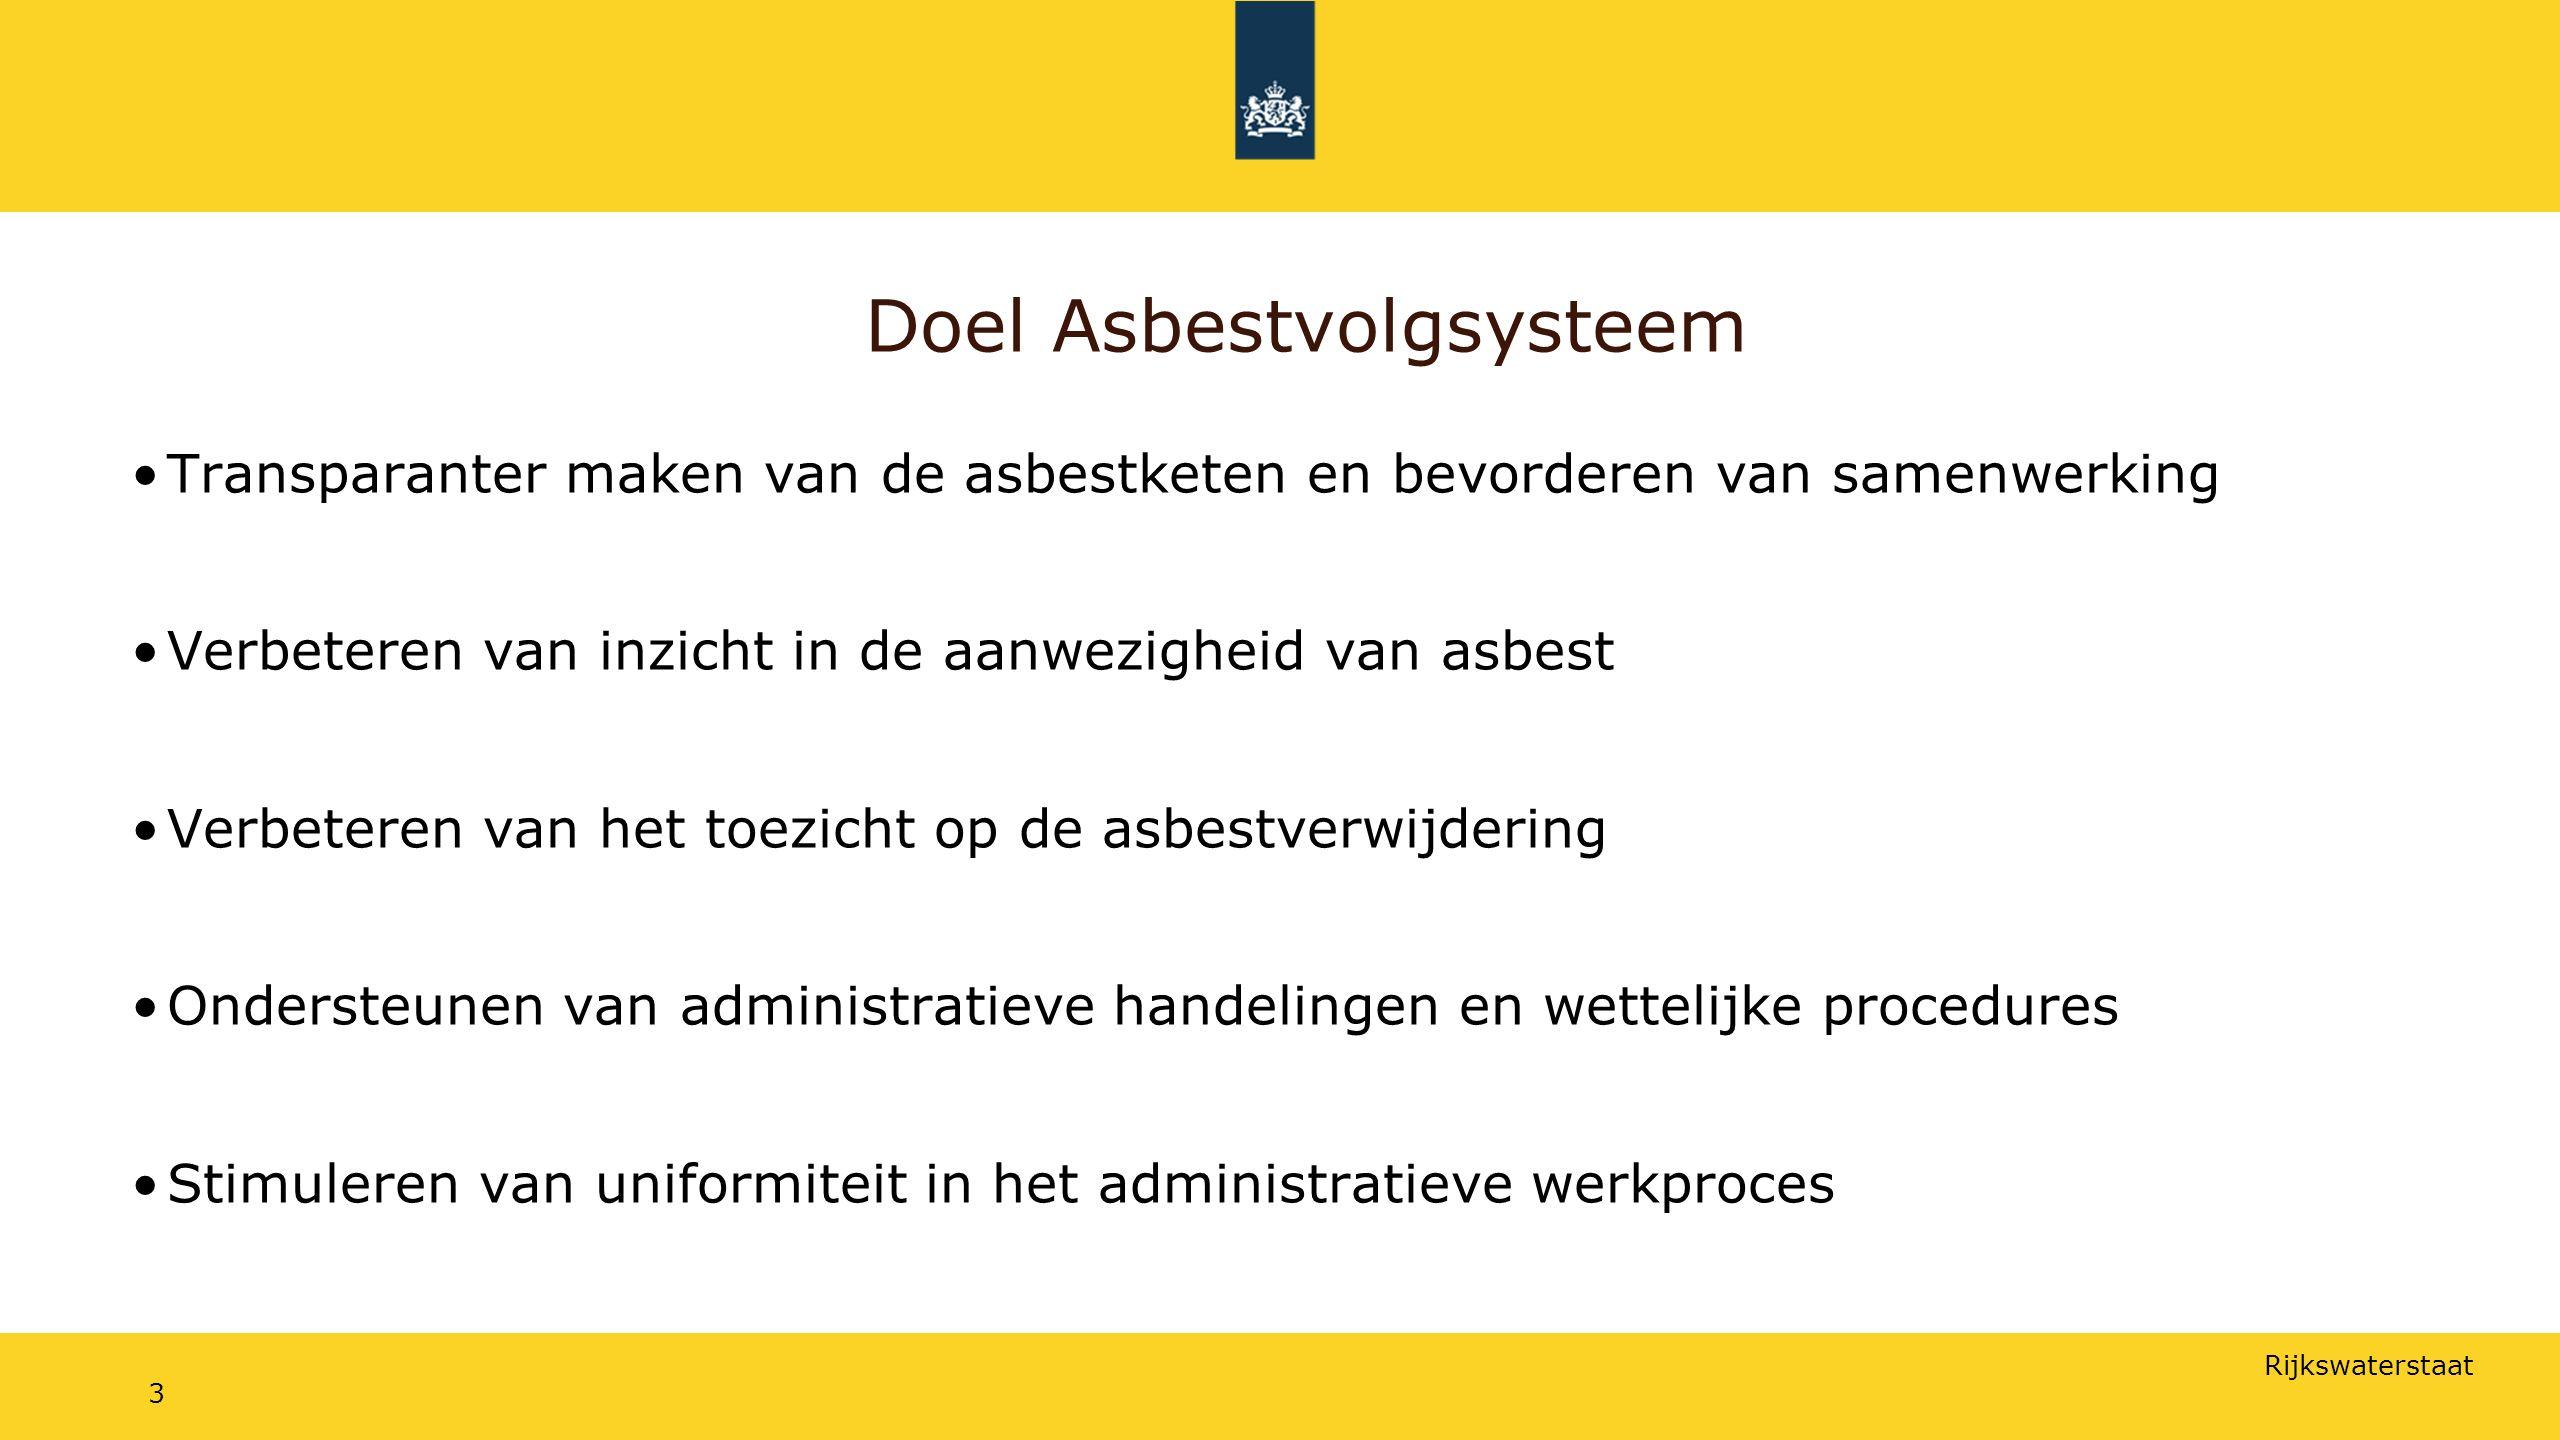 Rijkswaterstaat 3 Doel Asbestvolgsysteem Transparanter maken van de asbestketen en bevorderen van samenwerking Verbeteren van inzicht in de aanwezigheid van asbest Verbeteren van het toezicht op de asbestverwijdering Ondersteunen van administratieve handelingen en wettelijke procedures Stimuleren van uniformiteit in het administratieve werkproces